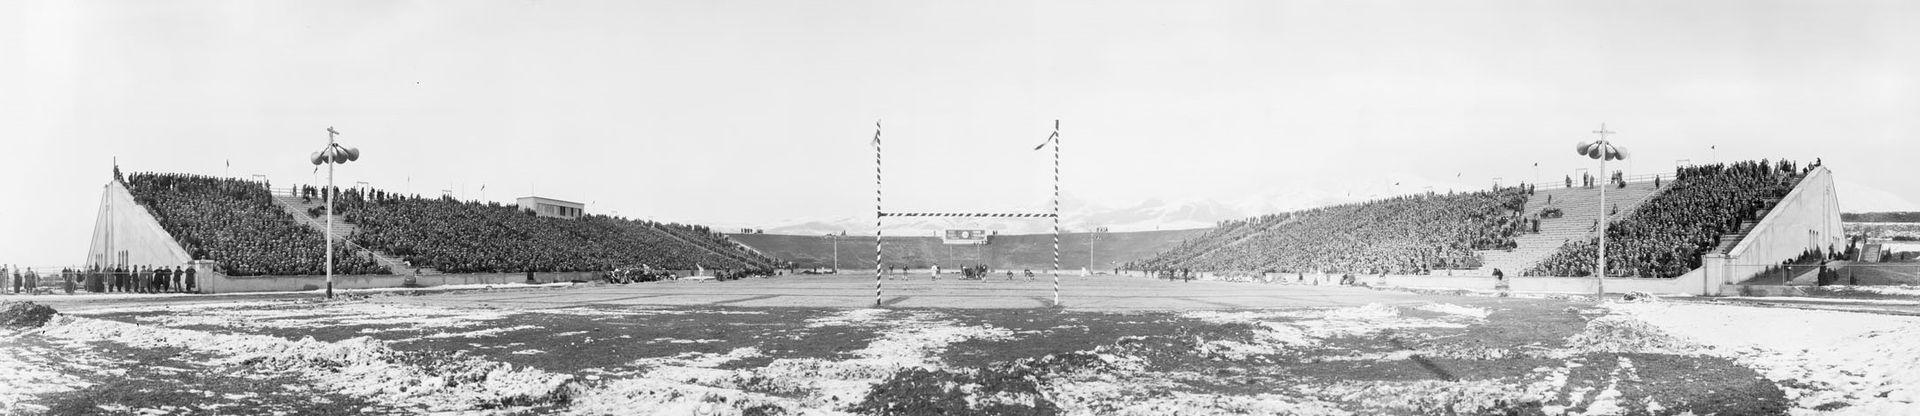 Rice Stadium (Utah)